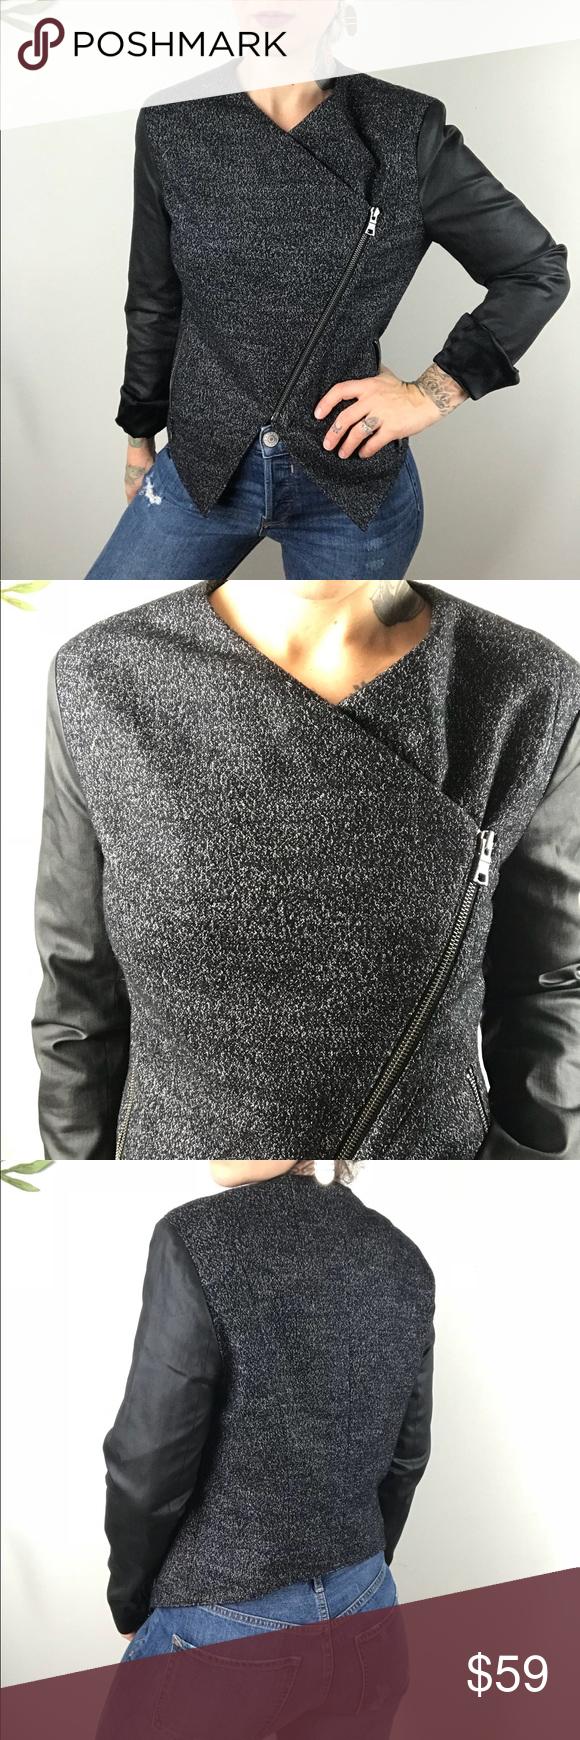 BANANA REPUBLIC Tweed Moto Zip Jacket Zip jackets